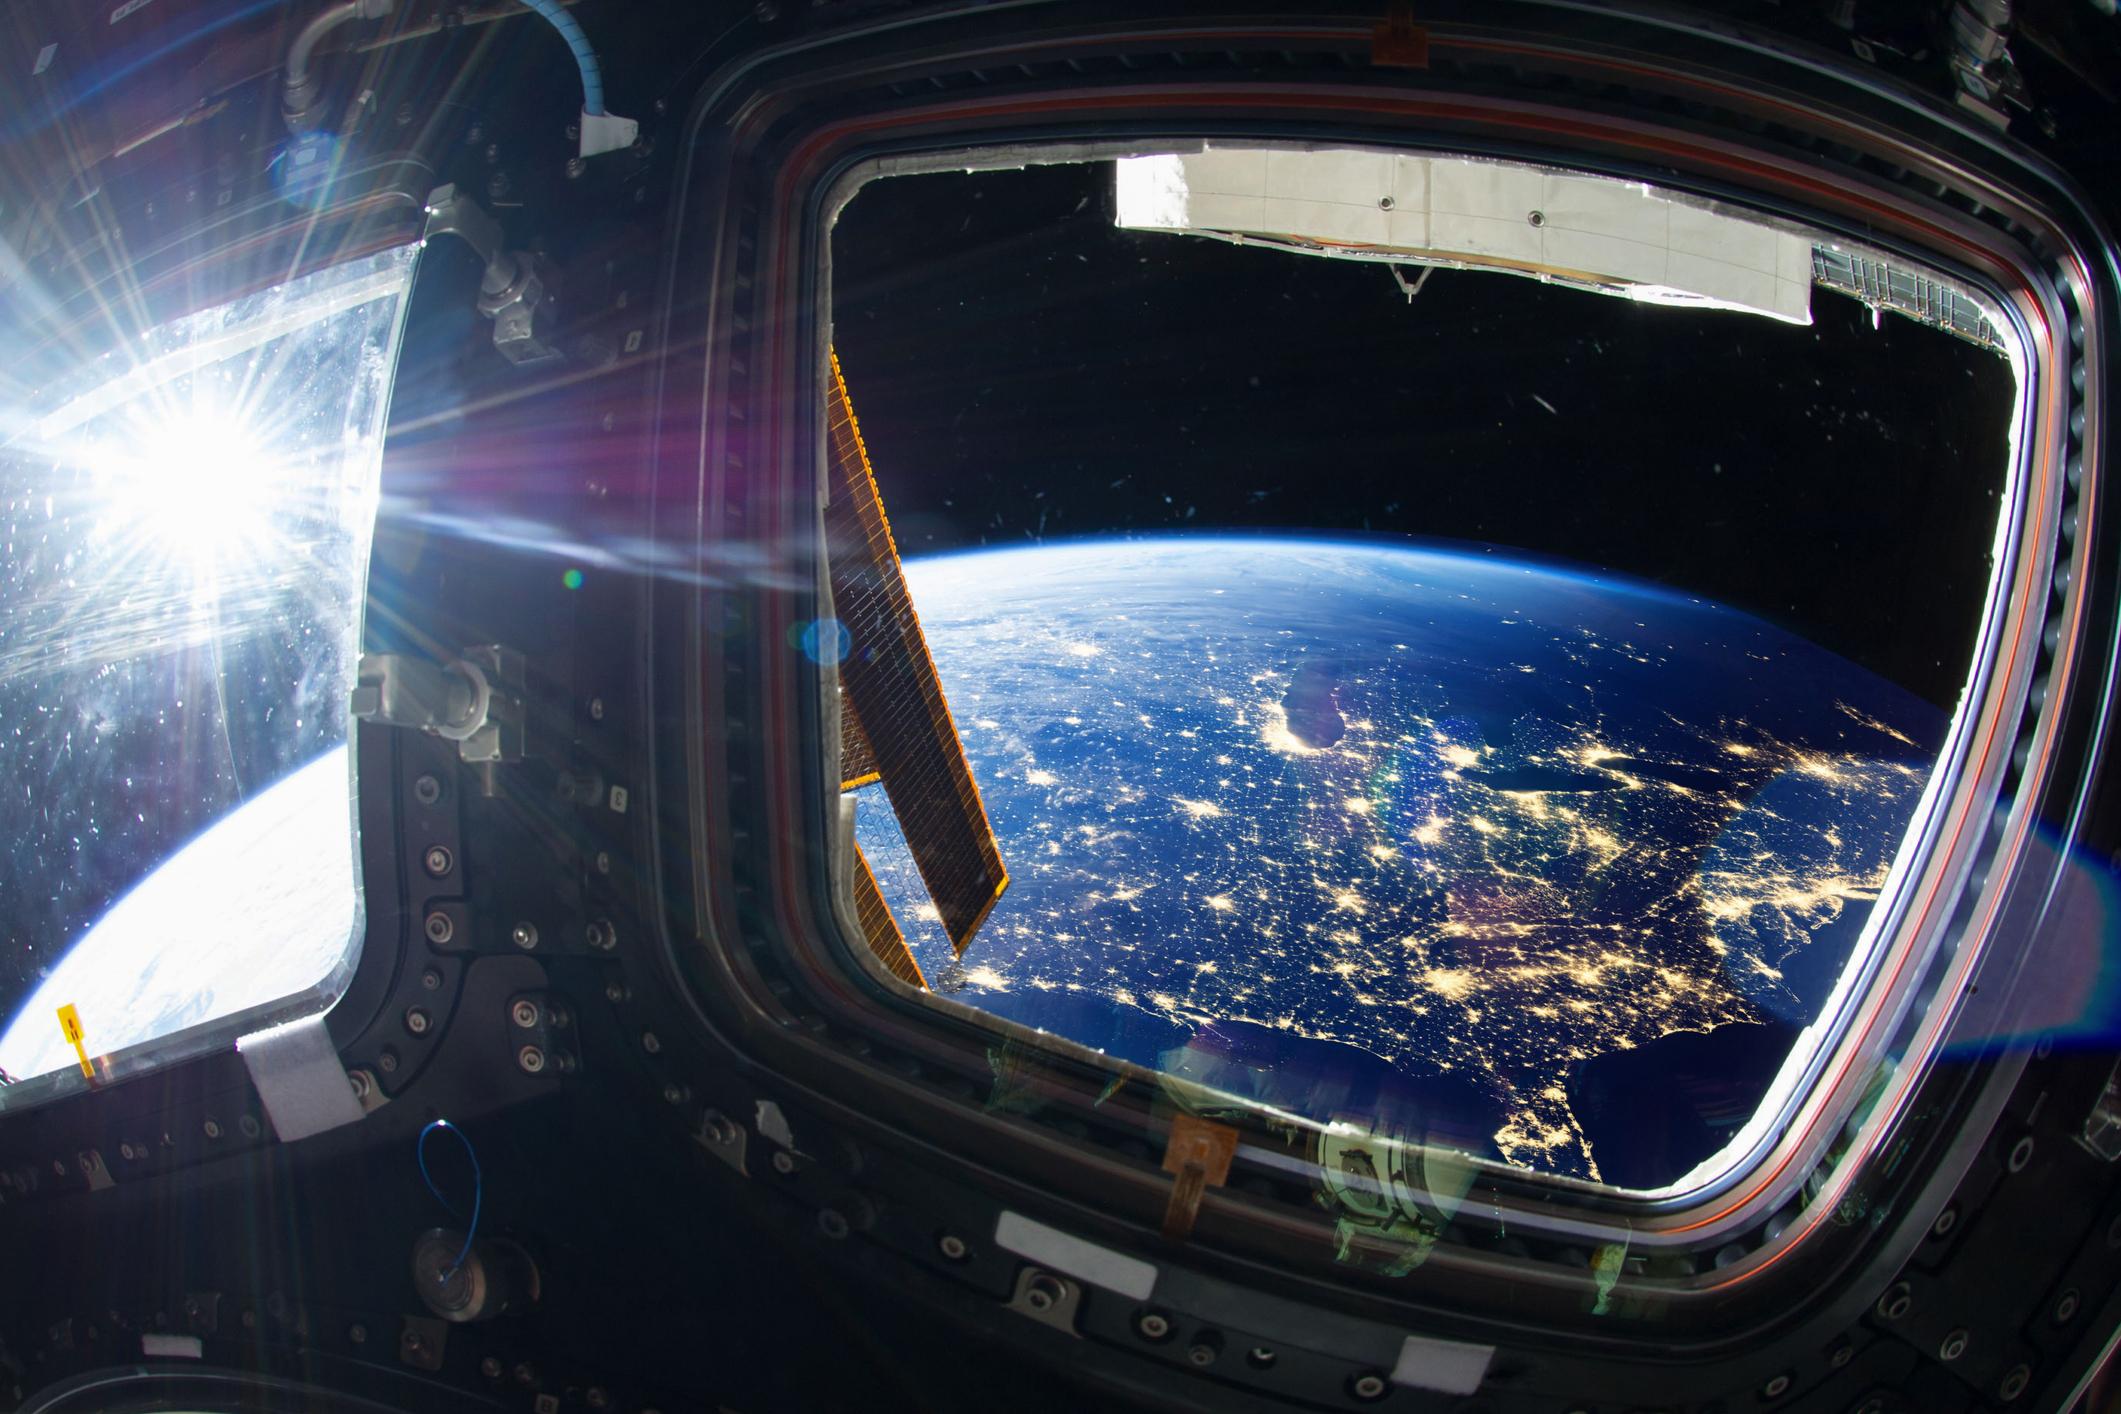 تصوير مسلسل فضائي على متن محطة الفضاء الدولية